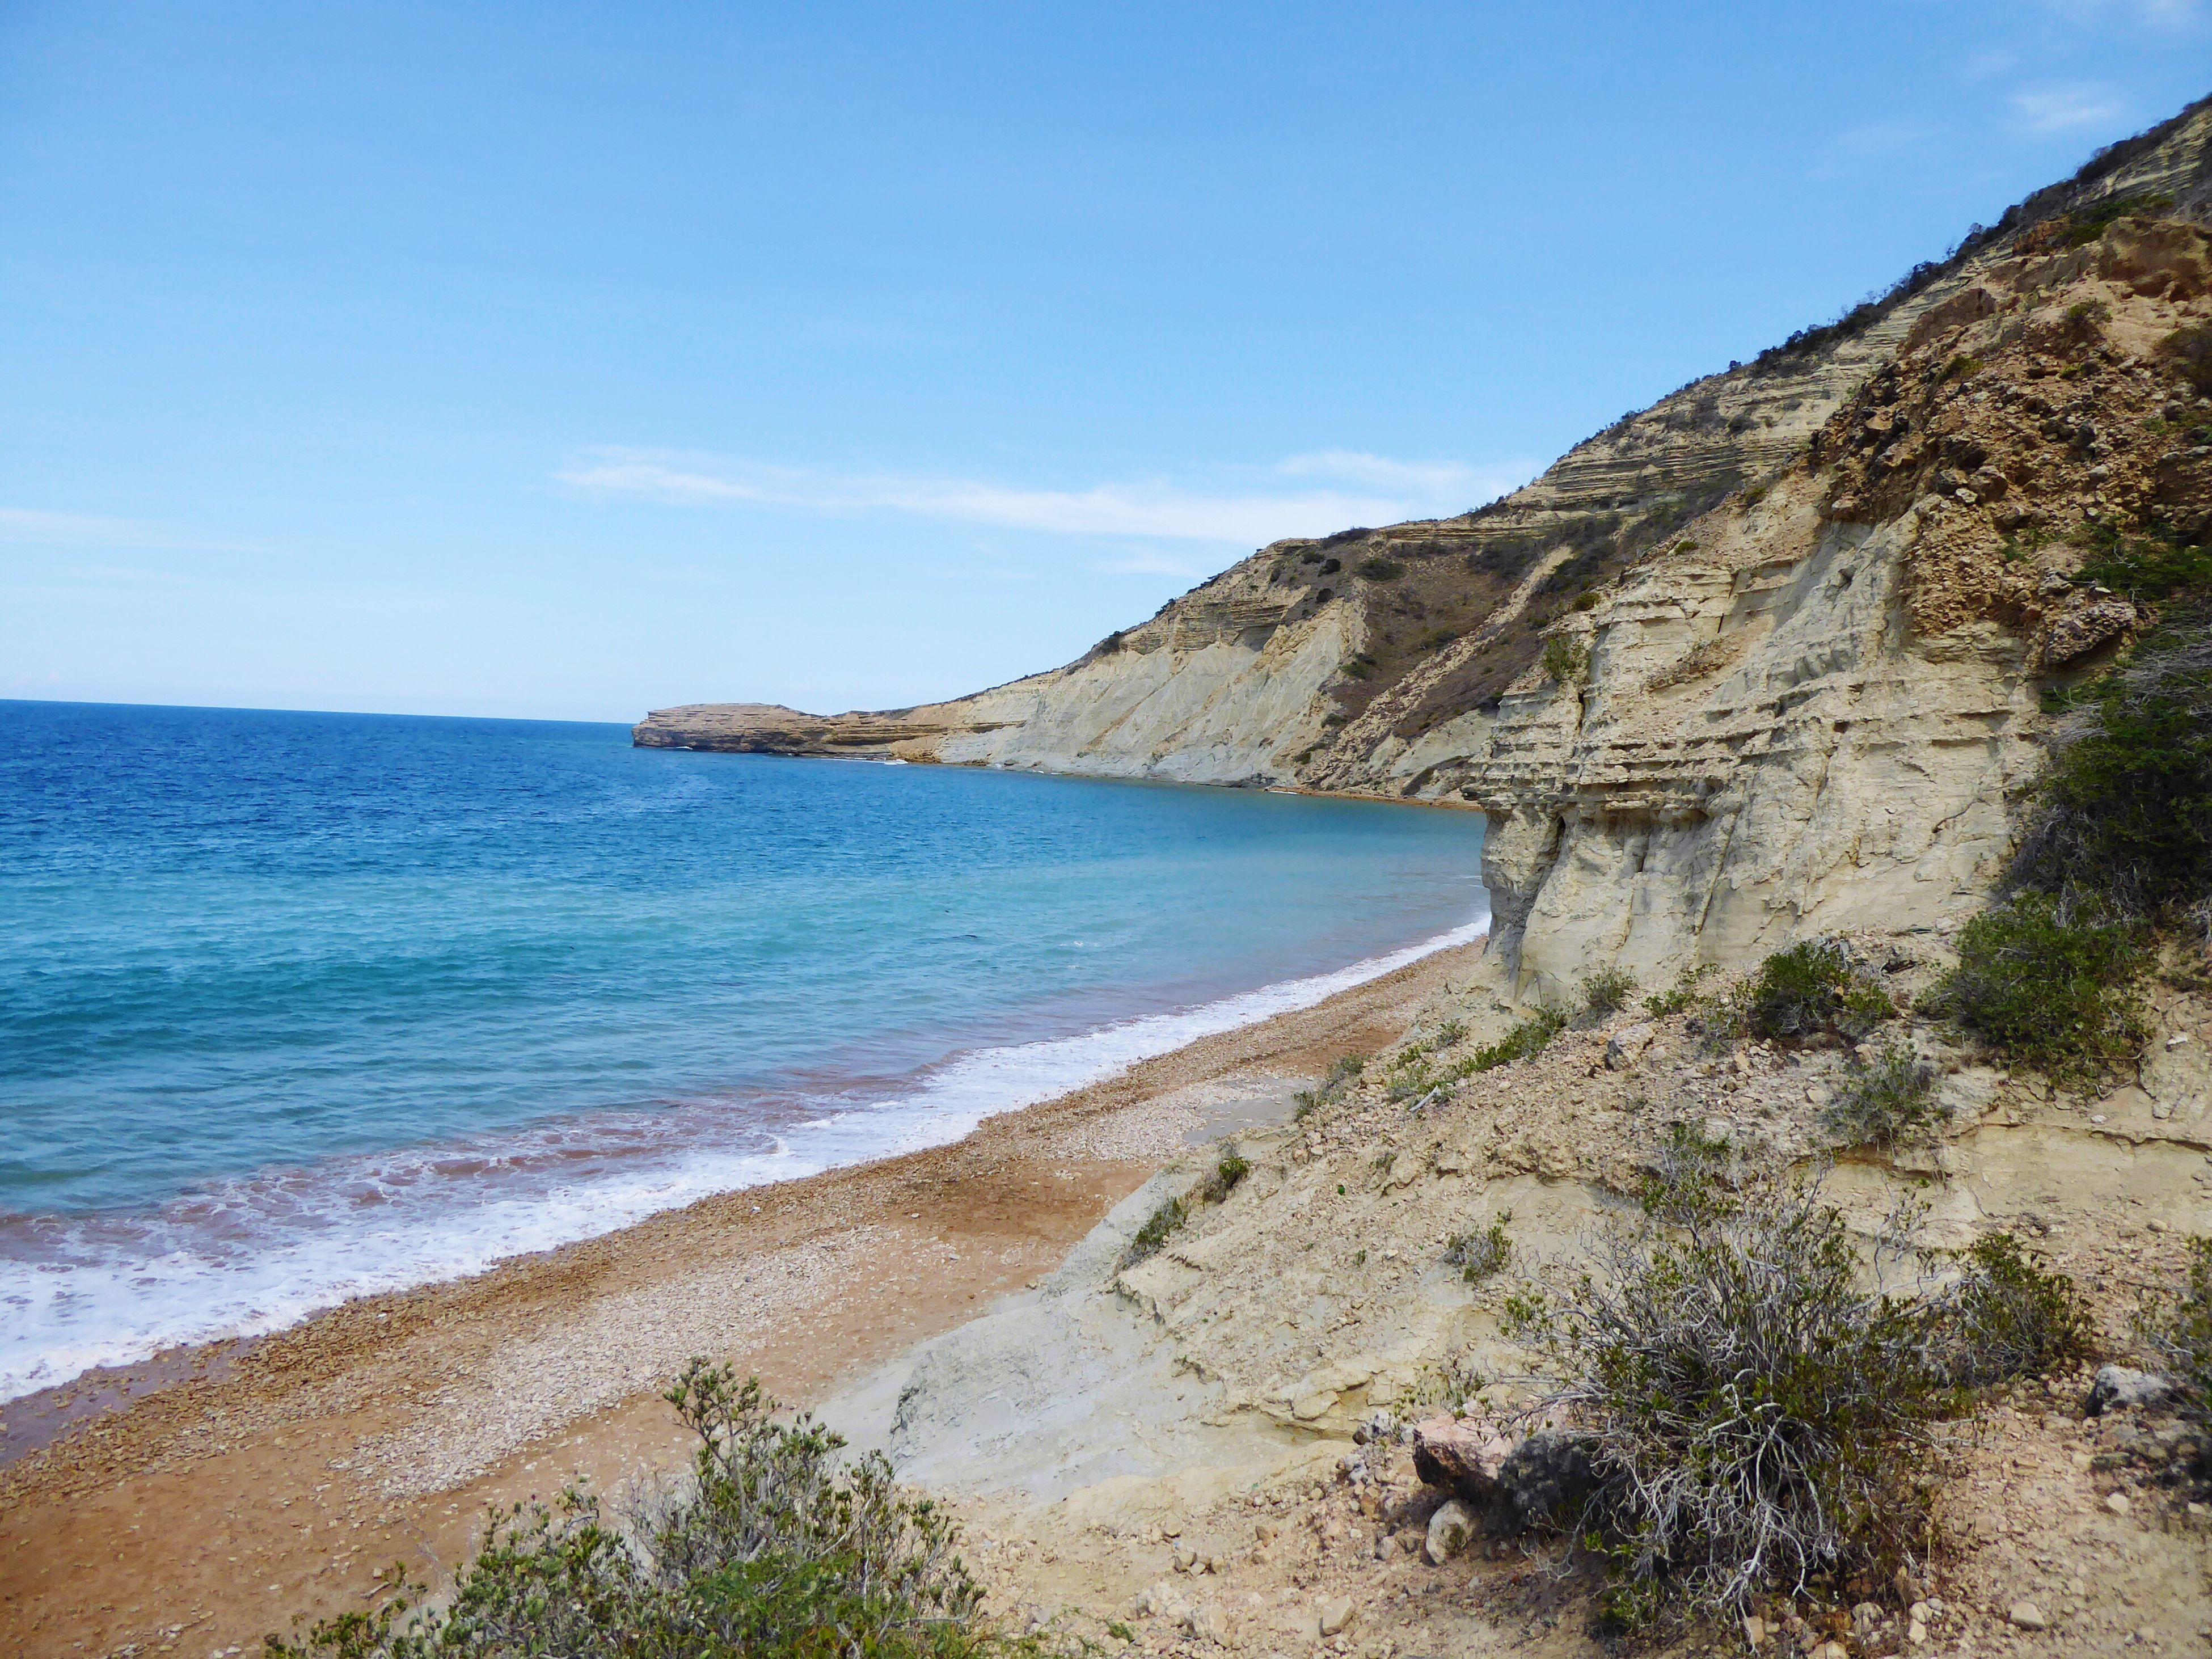 Cliffs at the beach Cliffs Sea Beach